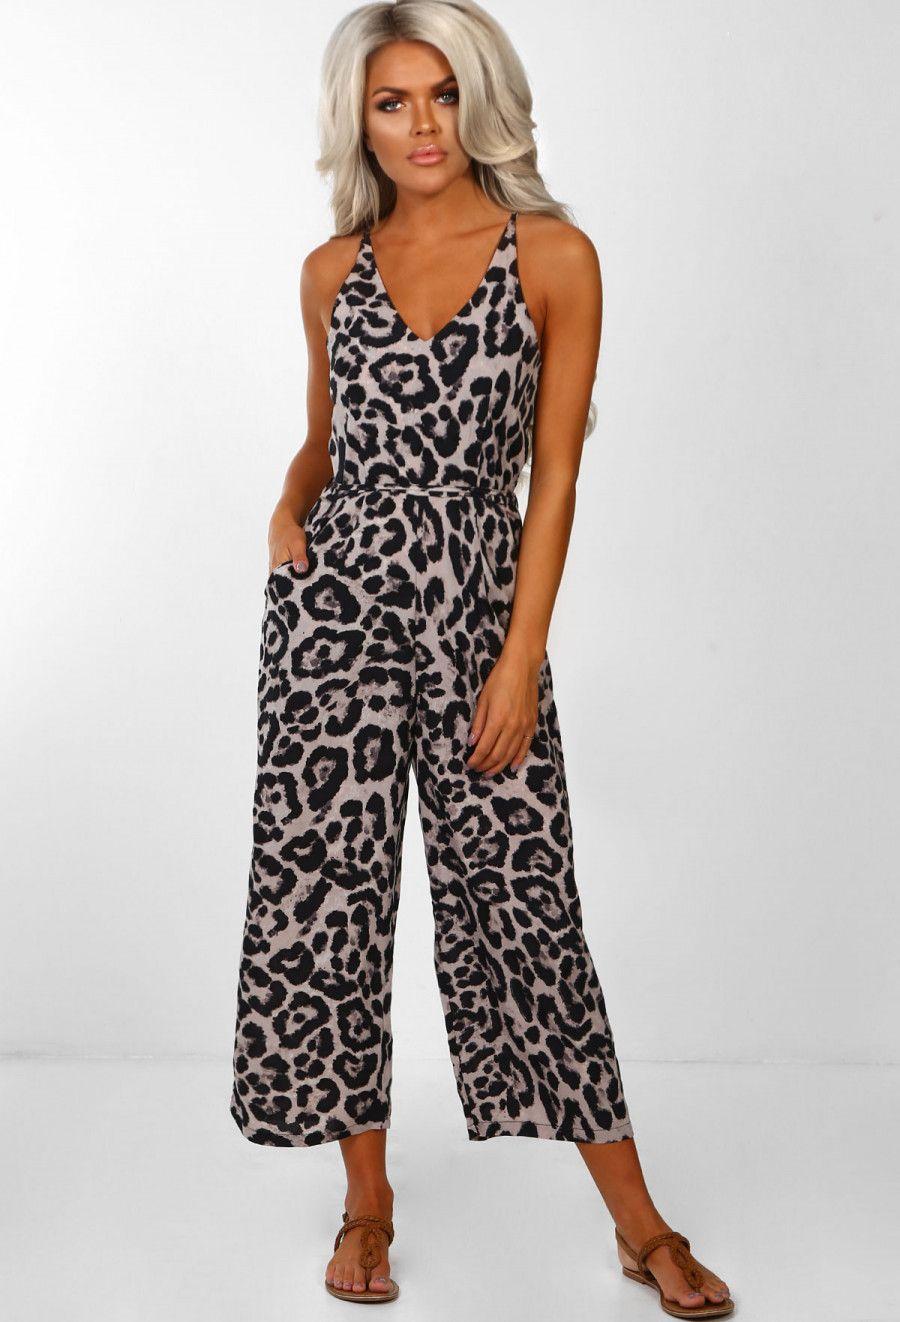 b02529178e So Fierce Multi Leopard Print Culotte Jumpsuit